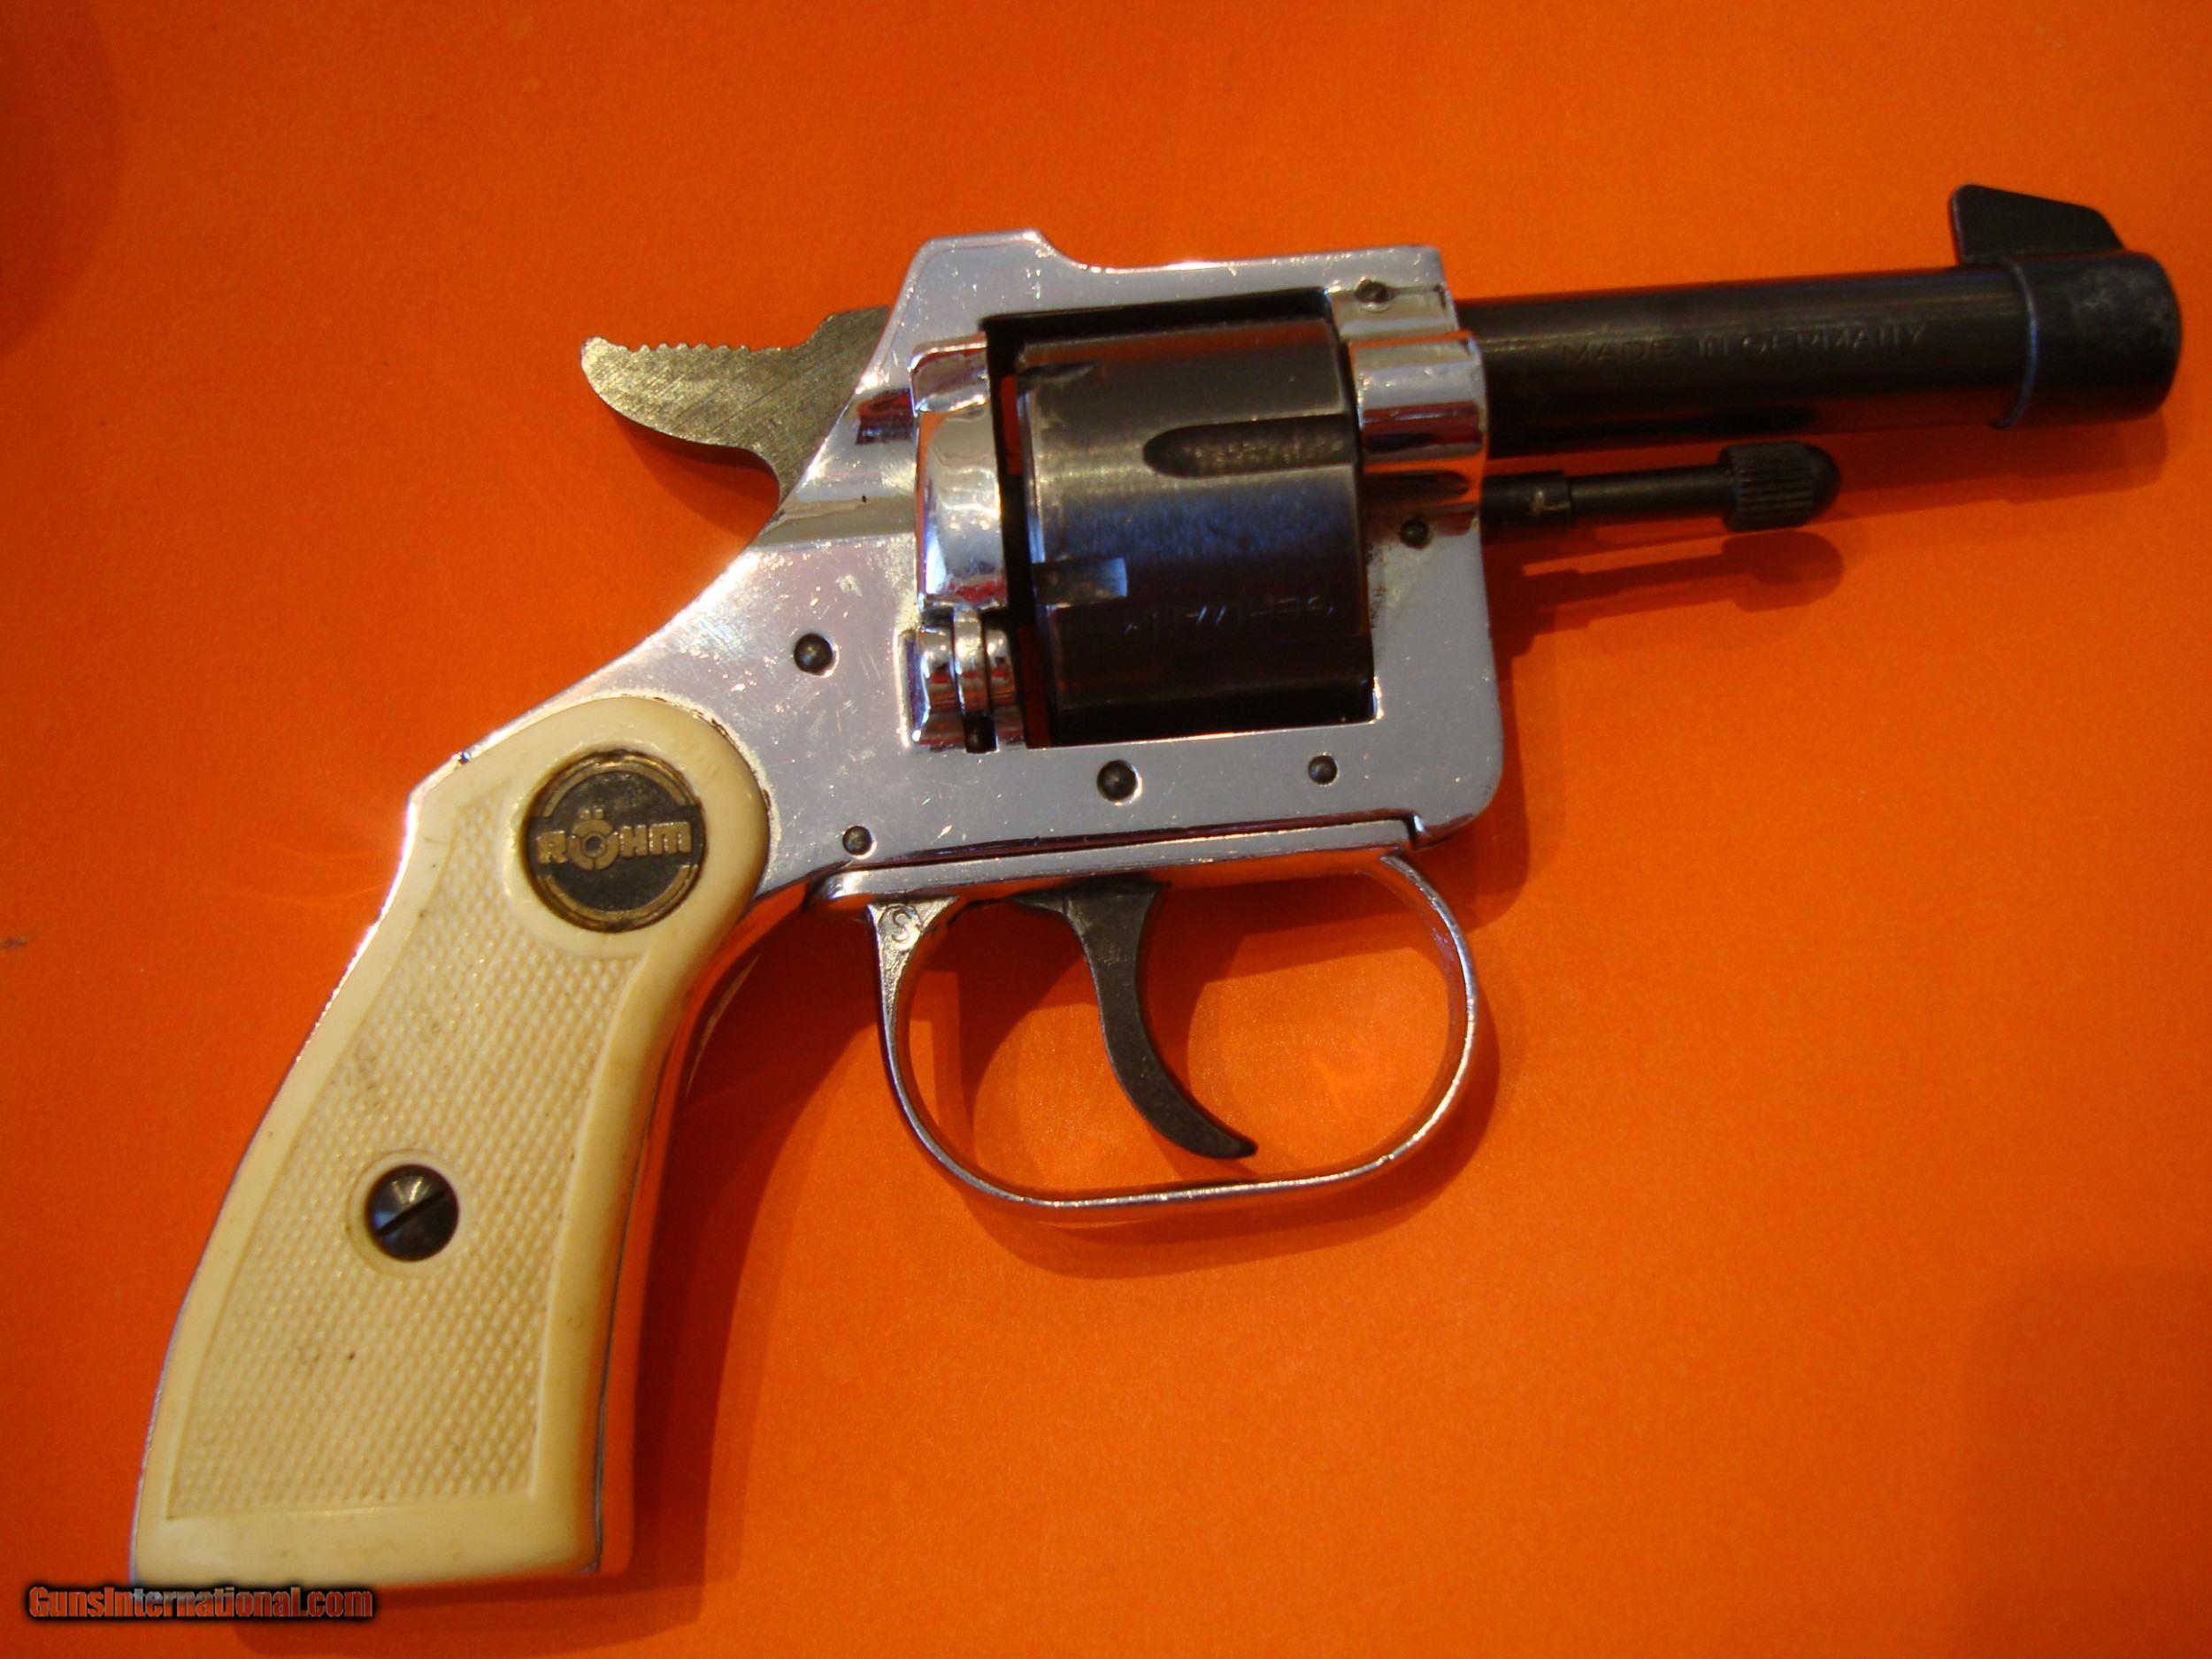 ROHM GMBH Sontheim/BRZ German 22 Short Pistol 1965 Mint